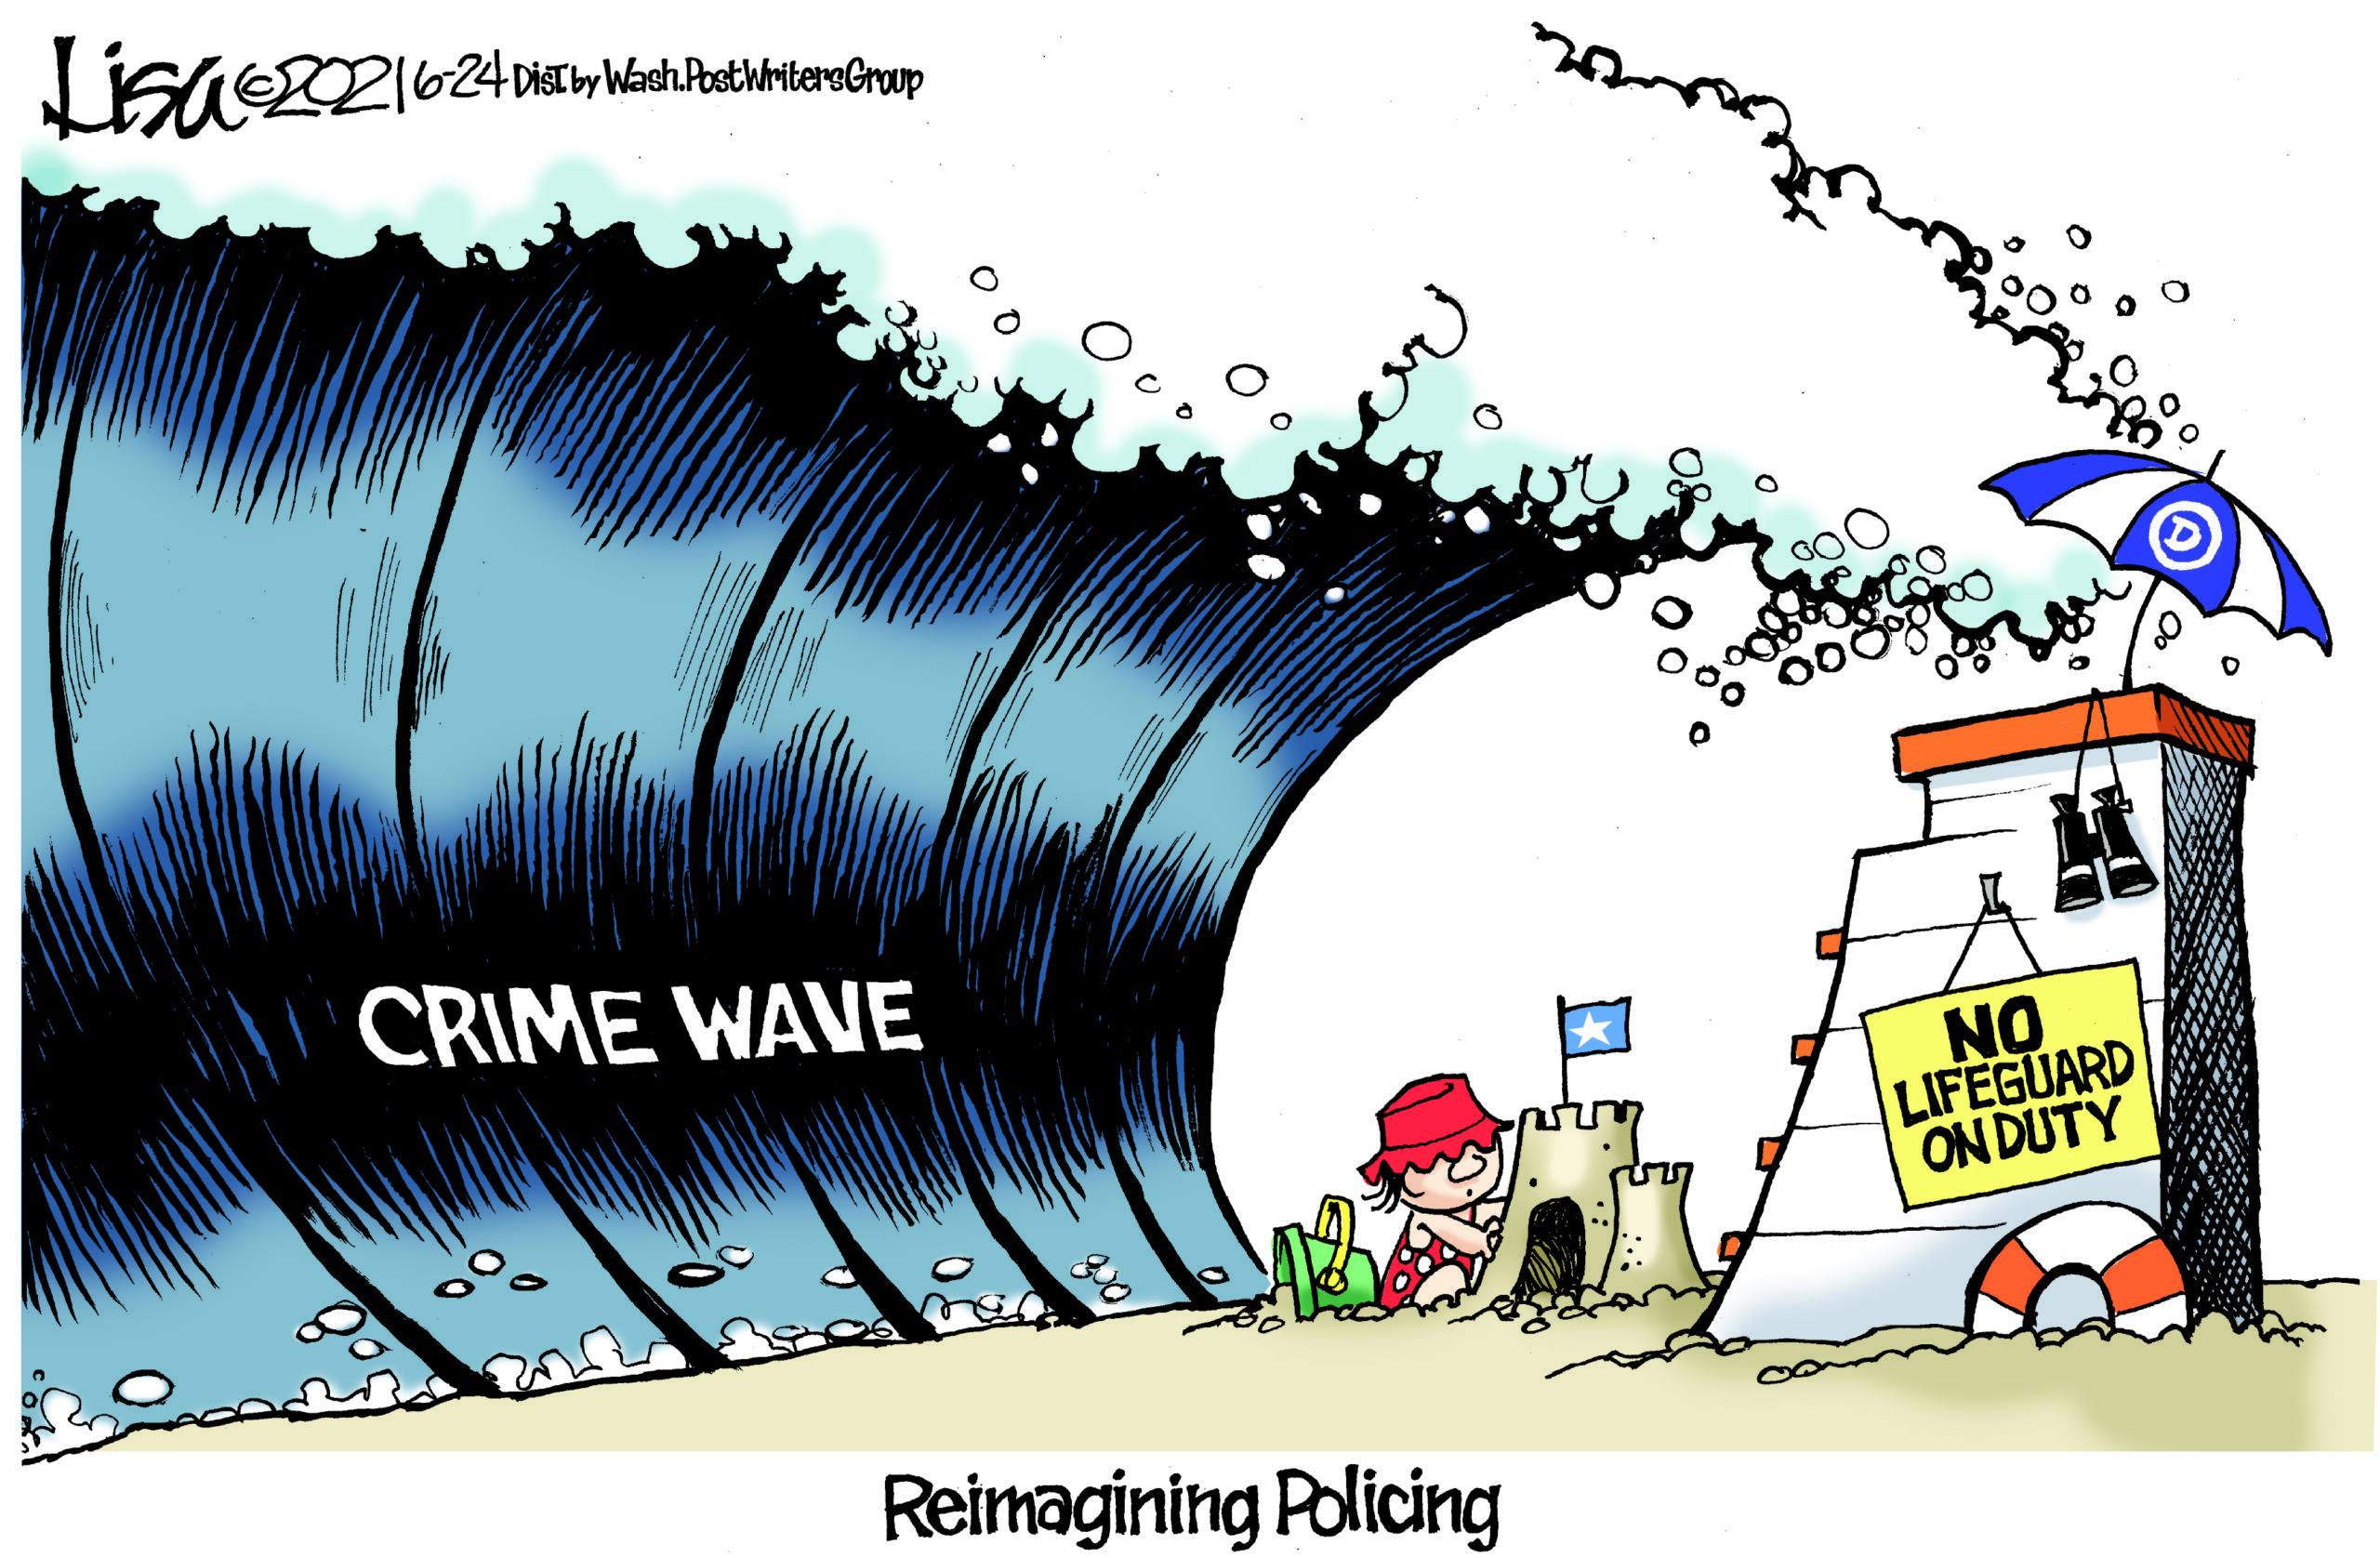 June 26: Crime Wave